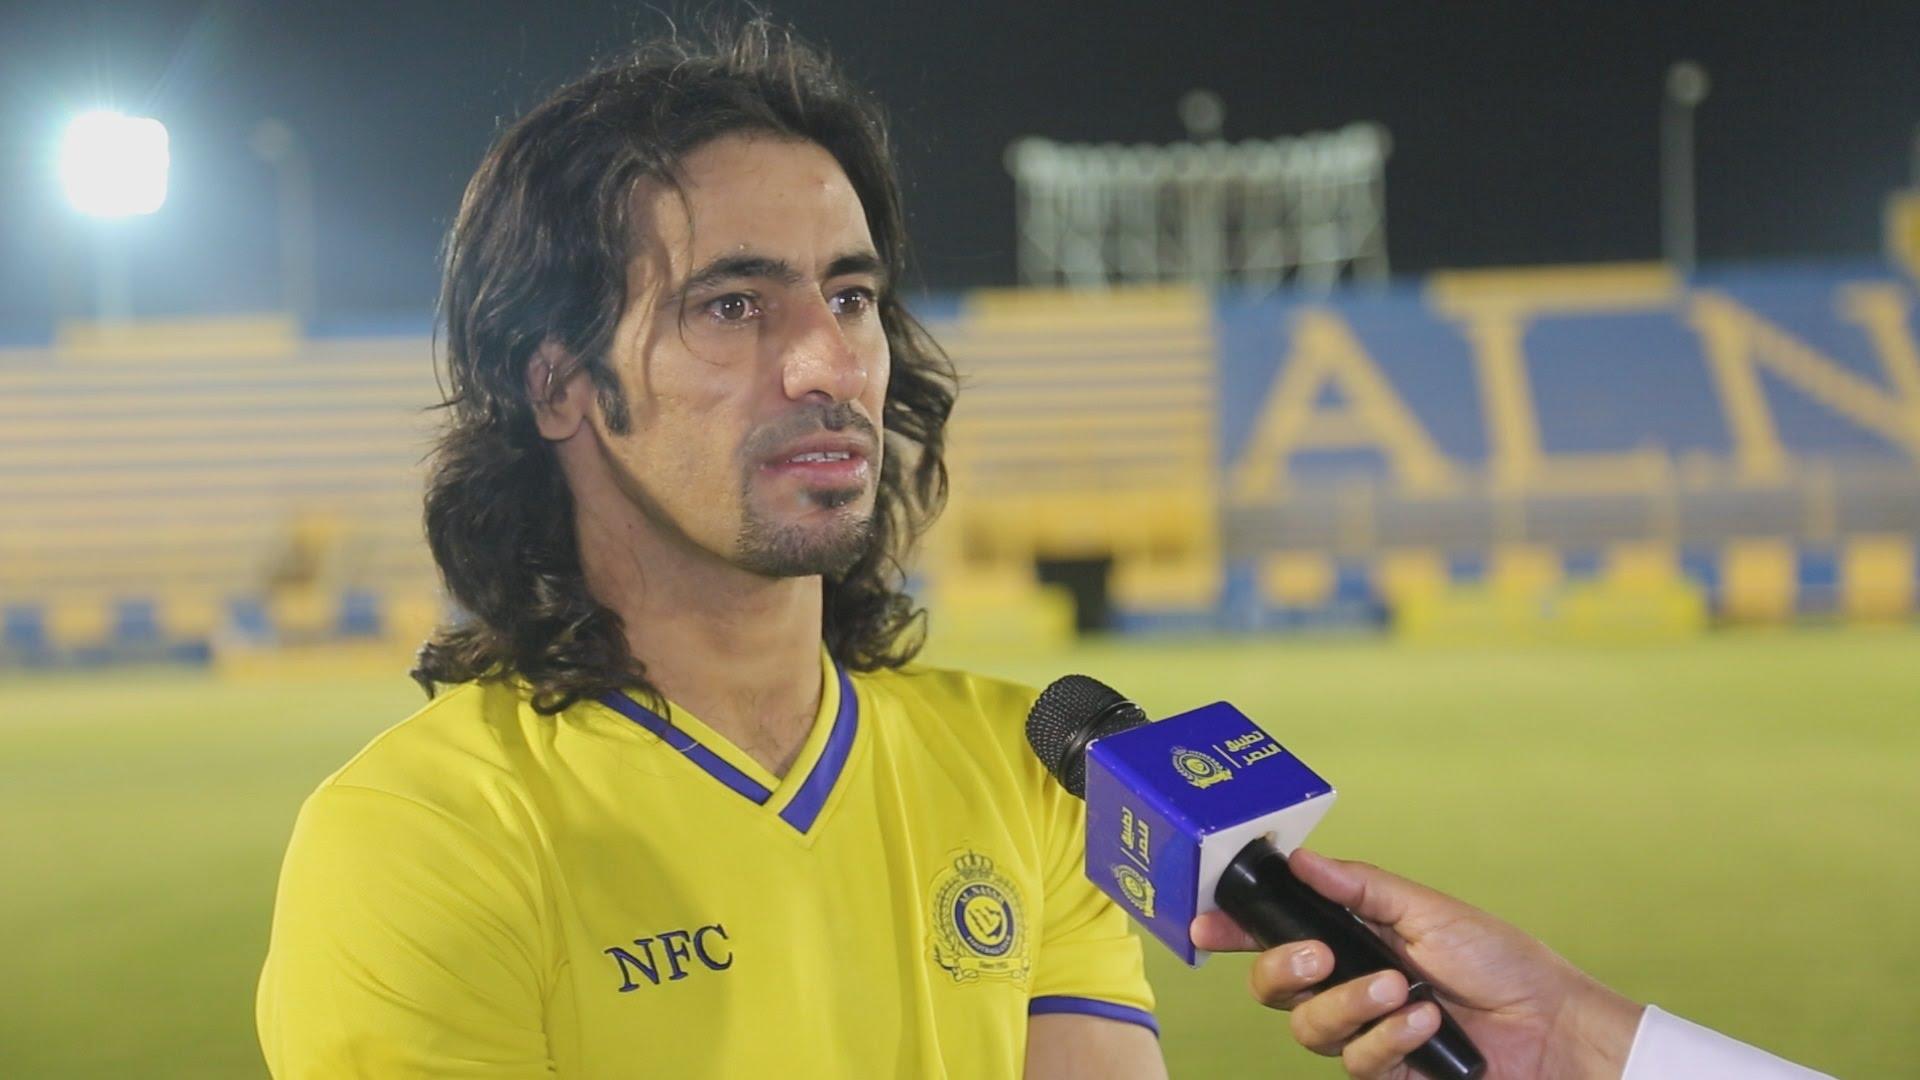 المدير الفني لنادي النصر السعودي يطرد حسين عبدالغني من مباراة الخميس الماضي